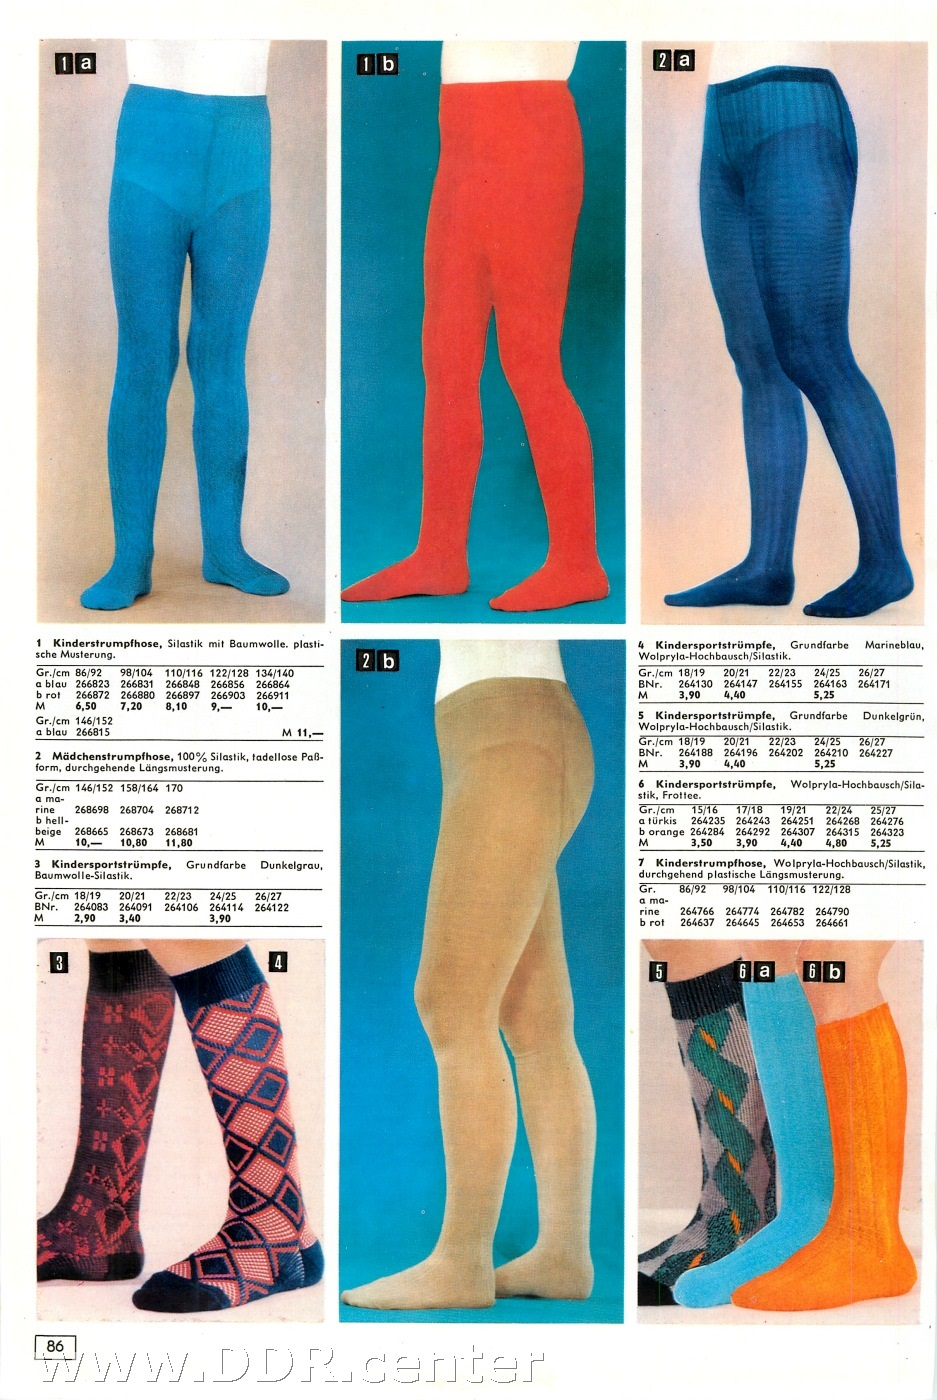 1e0a040b0c0692 Konsument Versandhandel Katalog Winter 1974 - Bequem einkaufen von zuhause  aus! - Seite 86